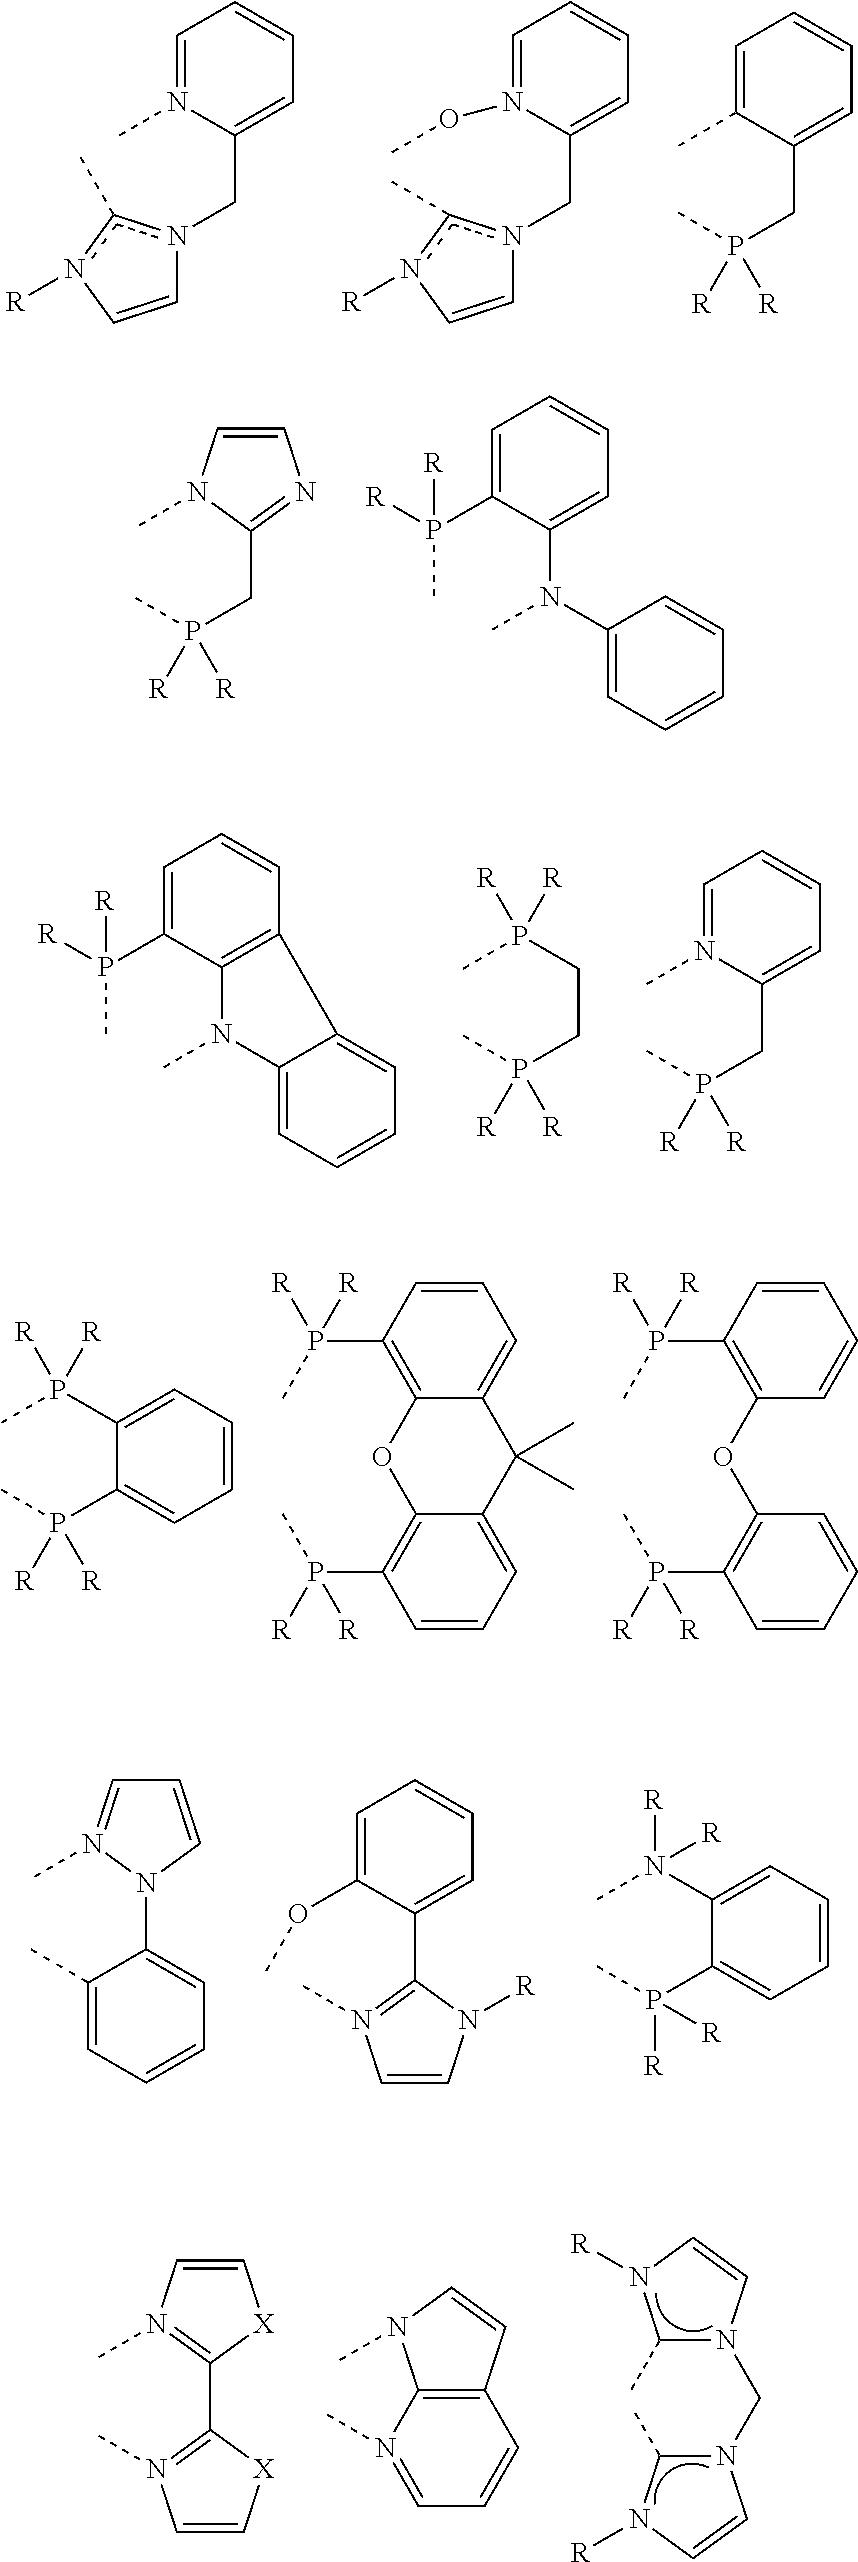 Figure US09773986-20170926-C00050